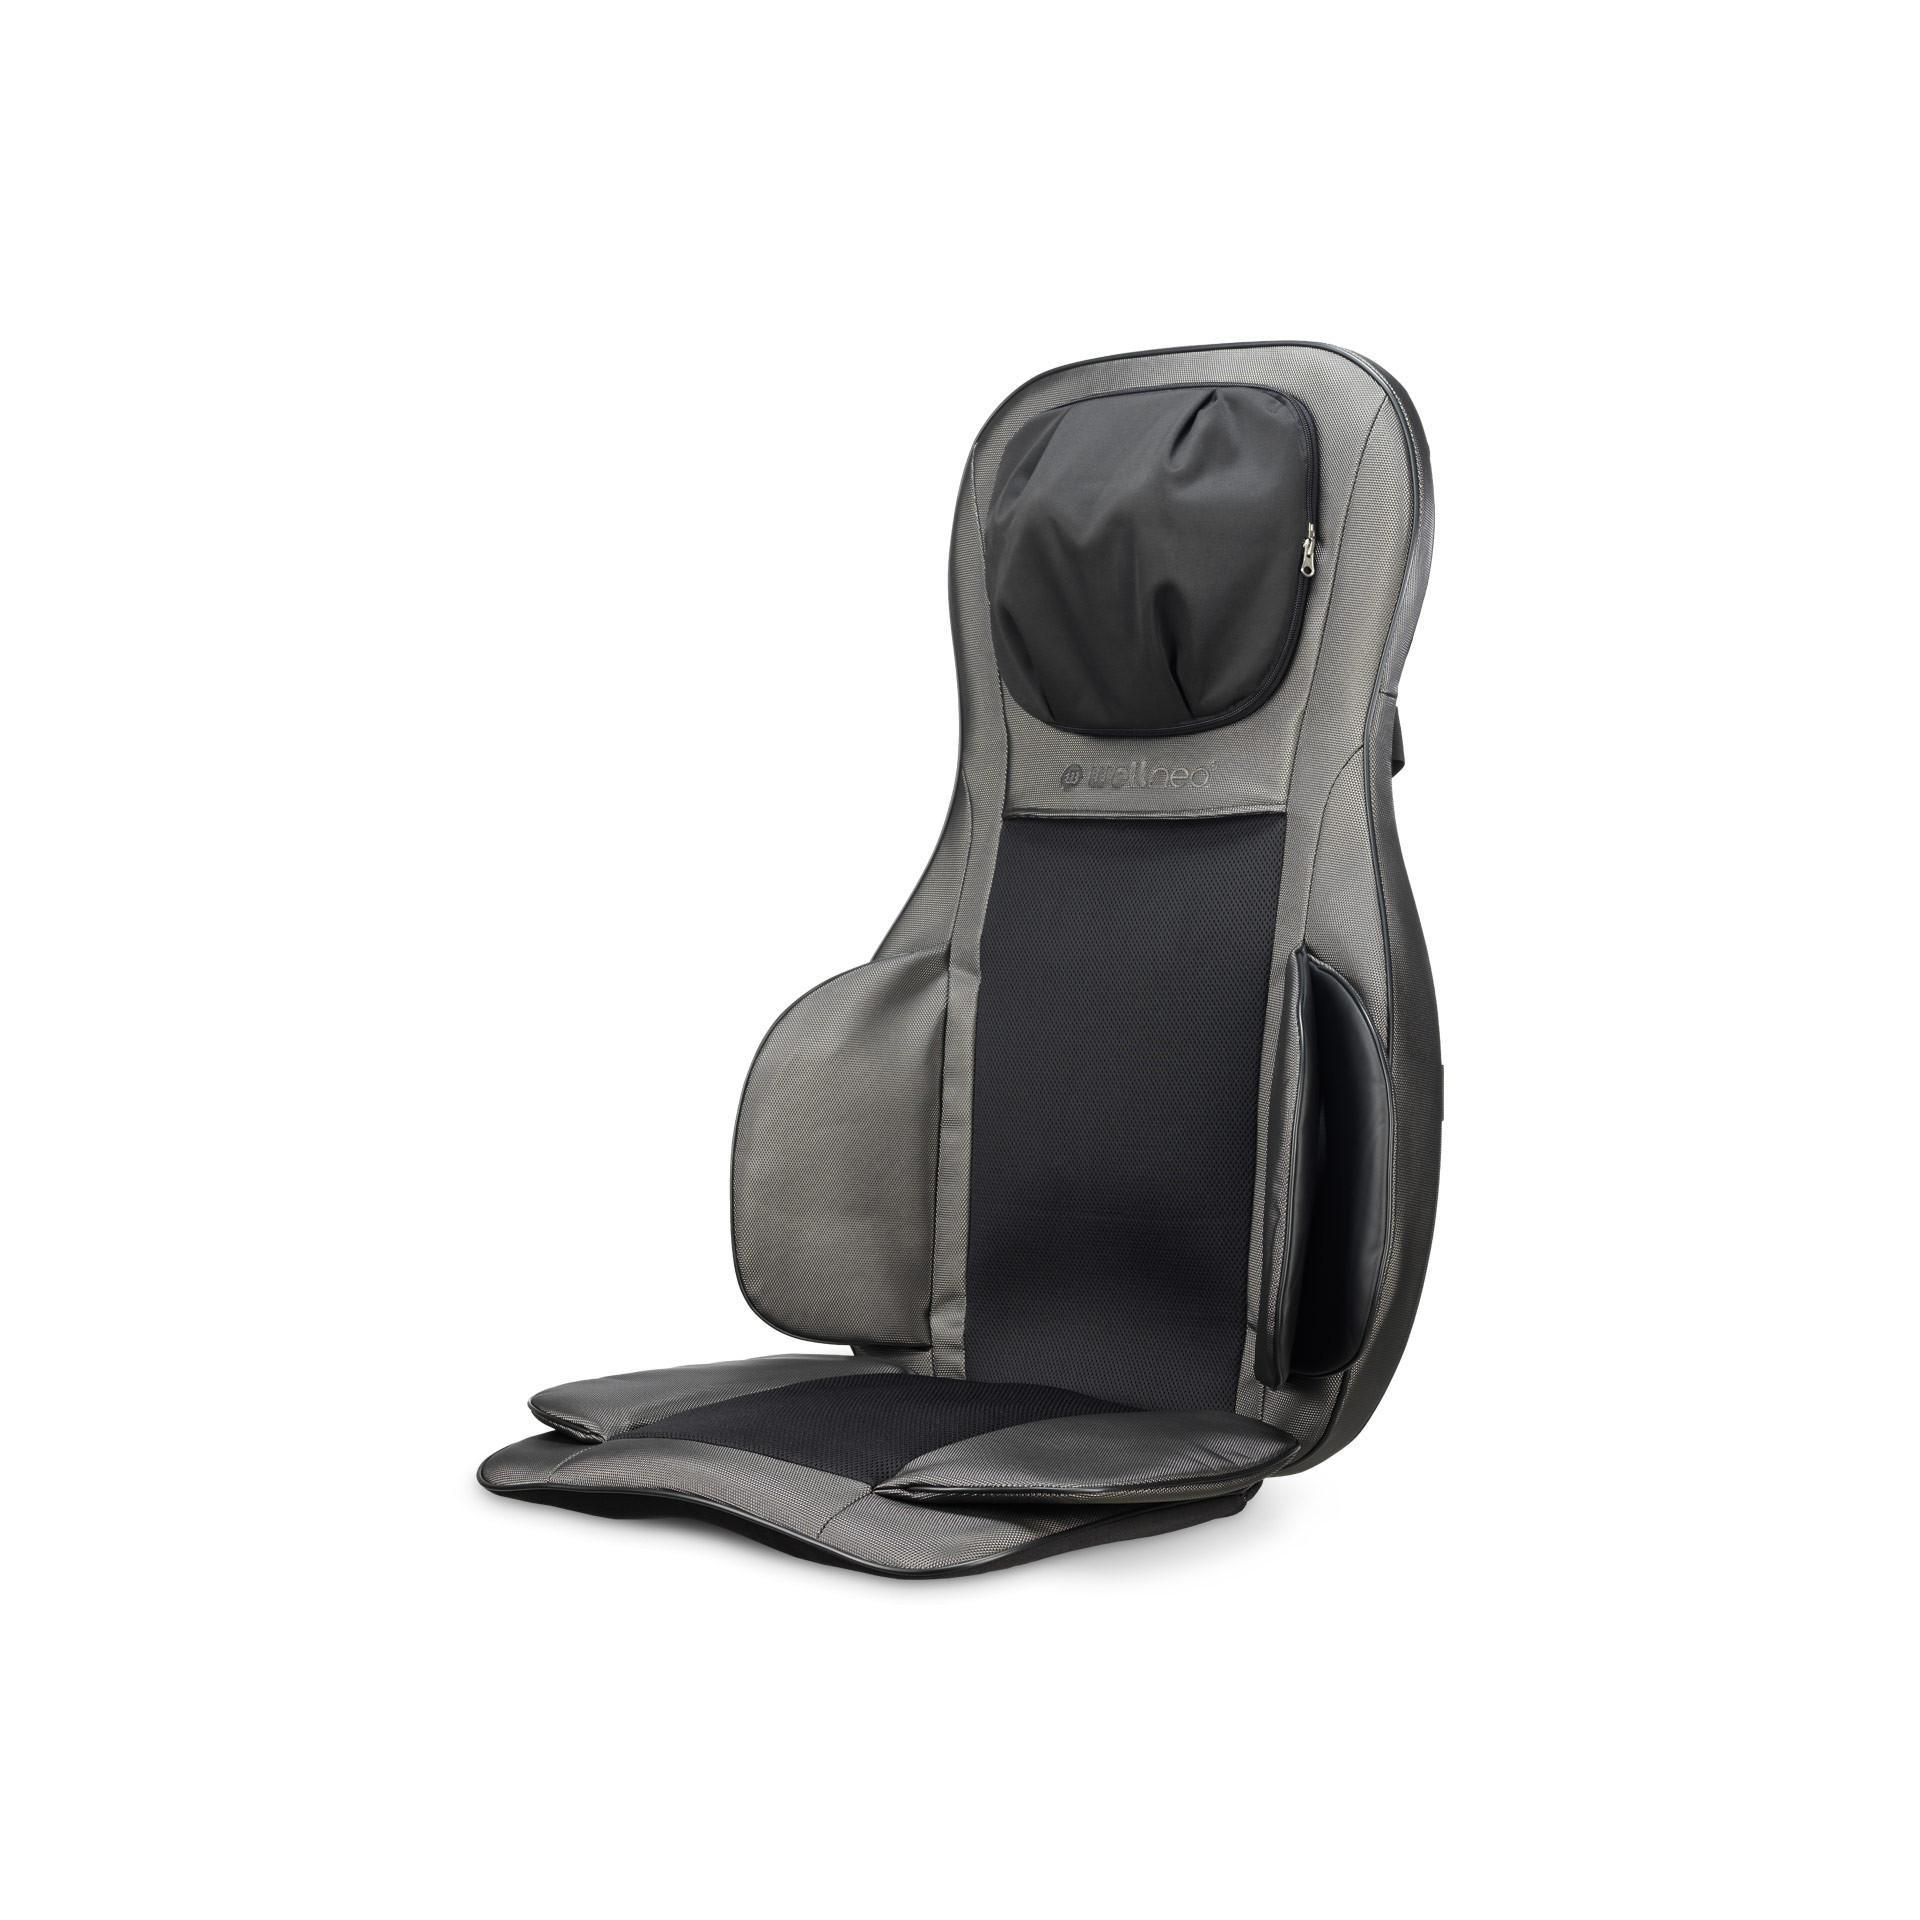 Массажер на кресло фото как пользоваться роллером для лица